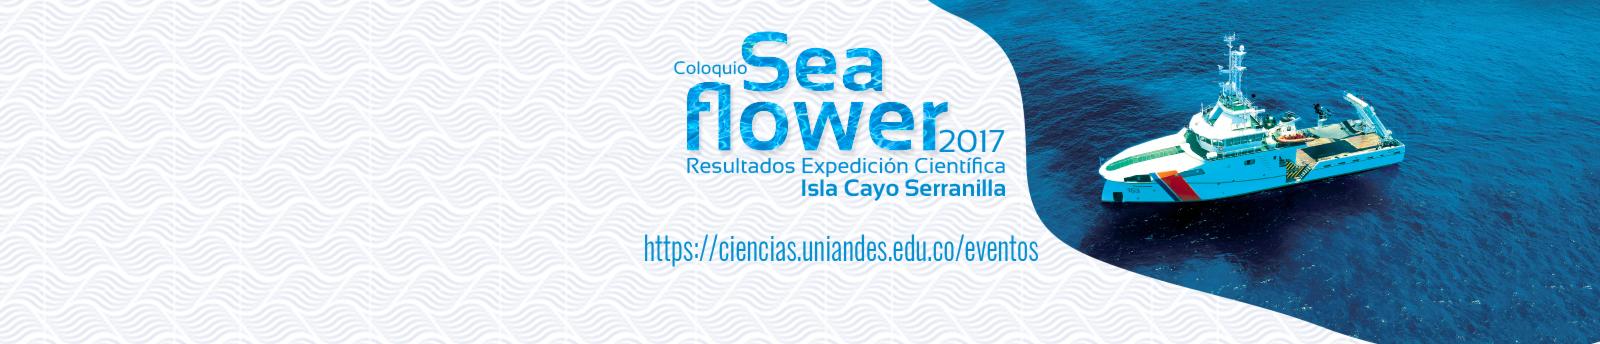 Coloquio de Resultados de la Expedición Científica Seaflower 2017